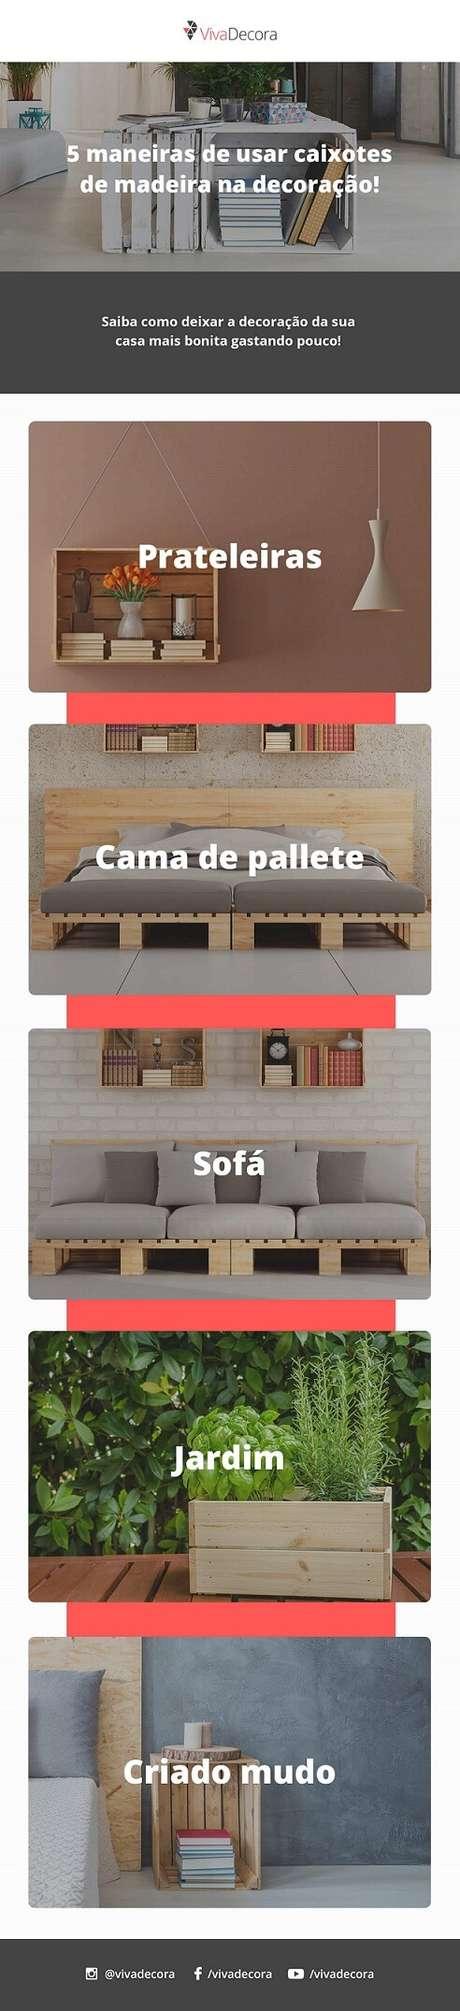 7. Infográfico – Como usarmontar uma boa decoração com caixotes de madeira.